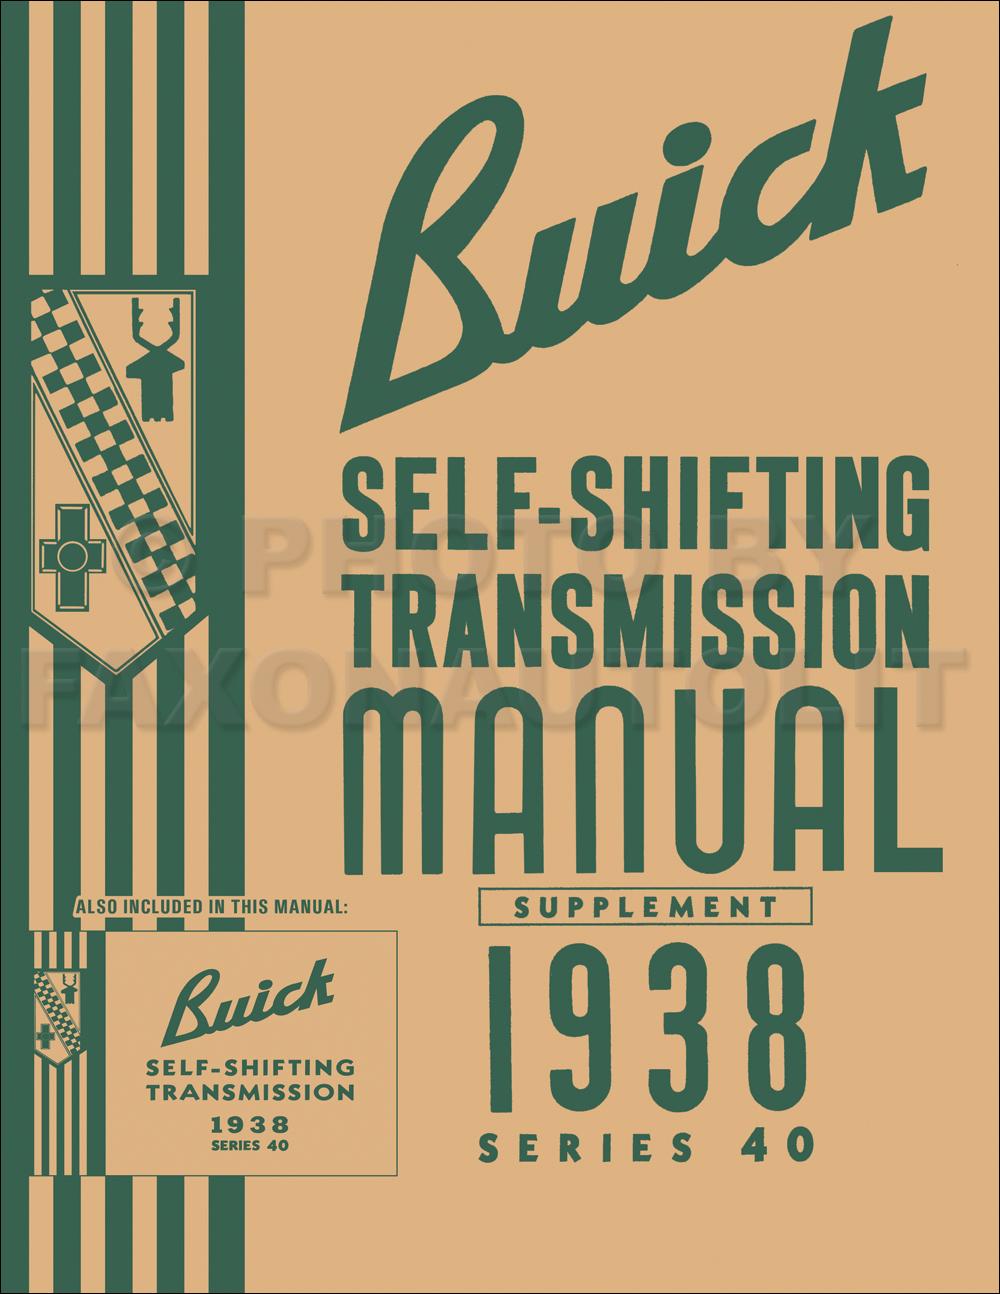 1938 Buick Special Self-Shifting Transmission Repair Shop Manual Reprint -  2 Books in 1